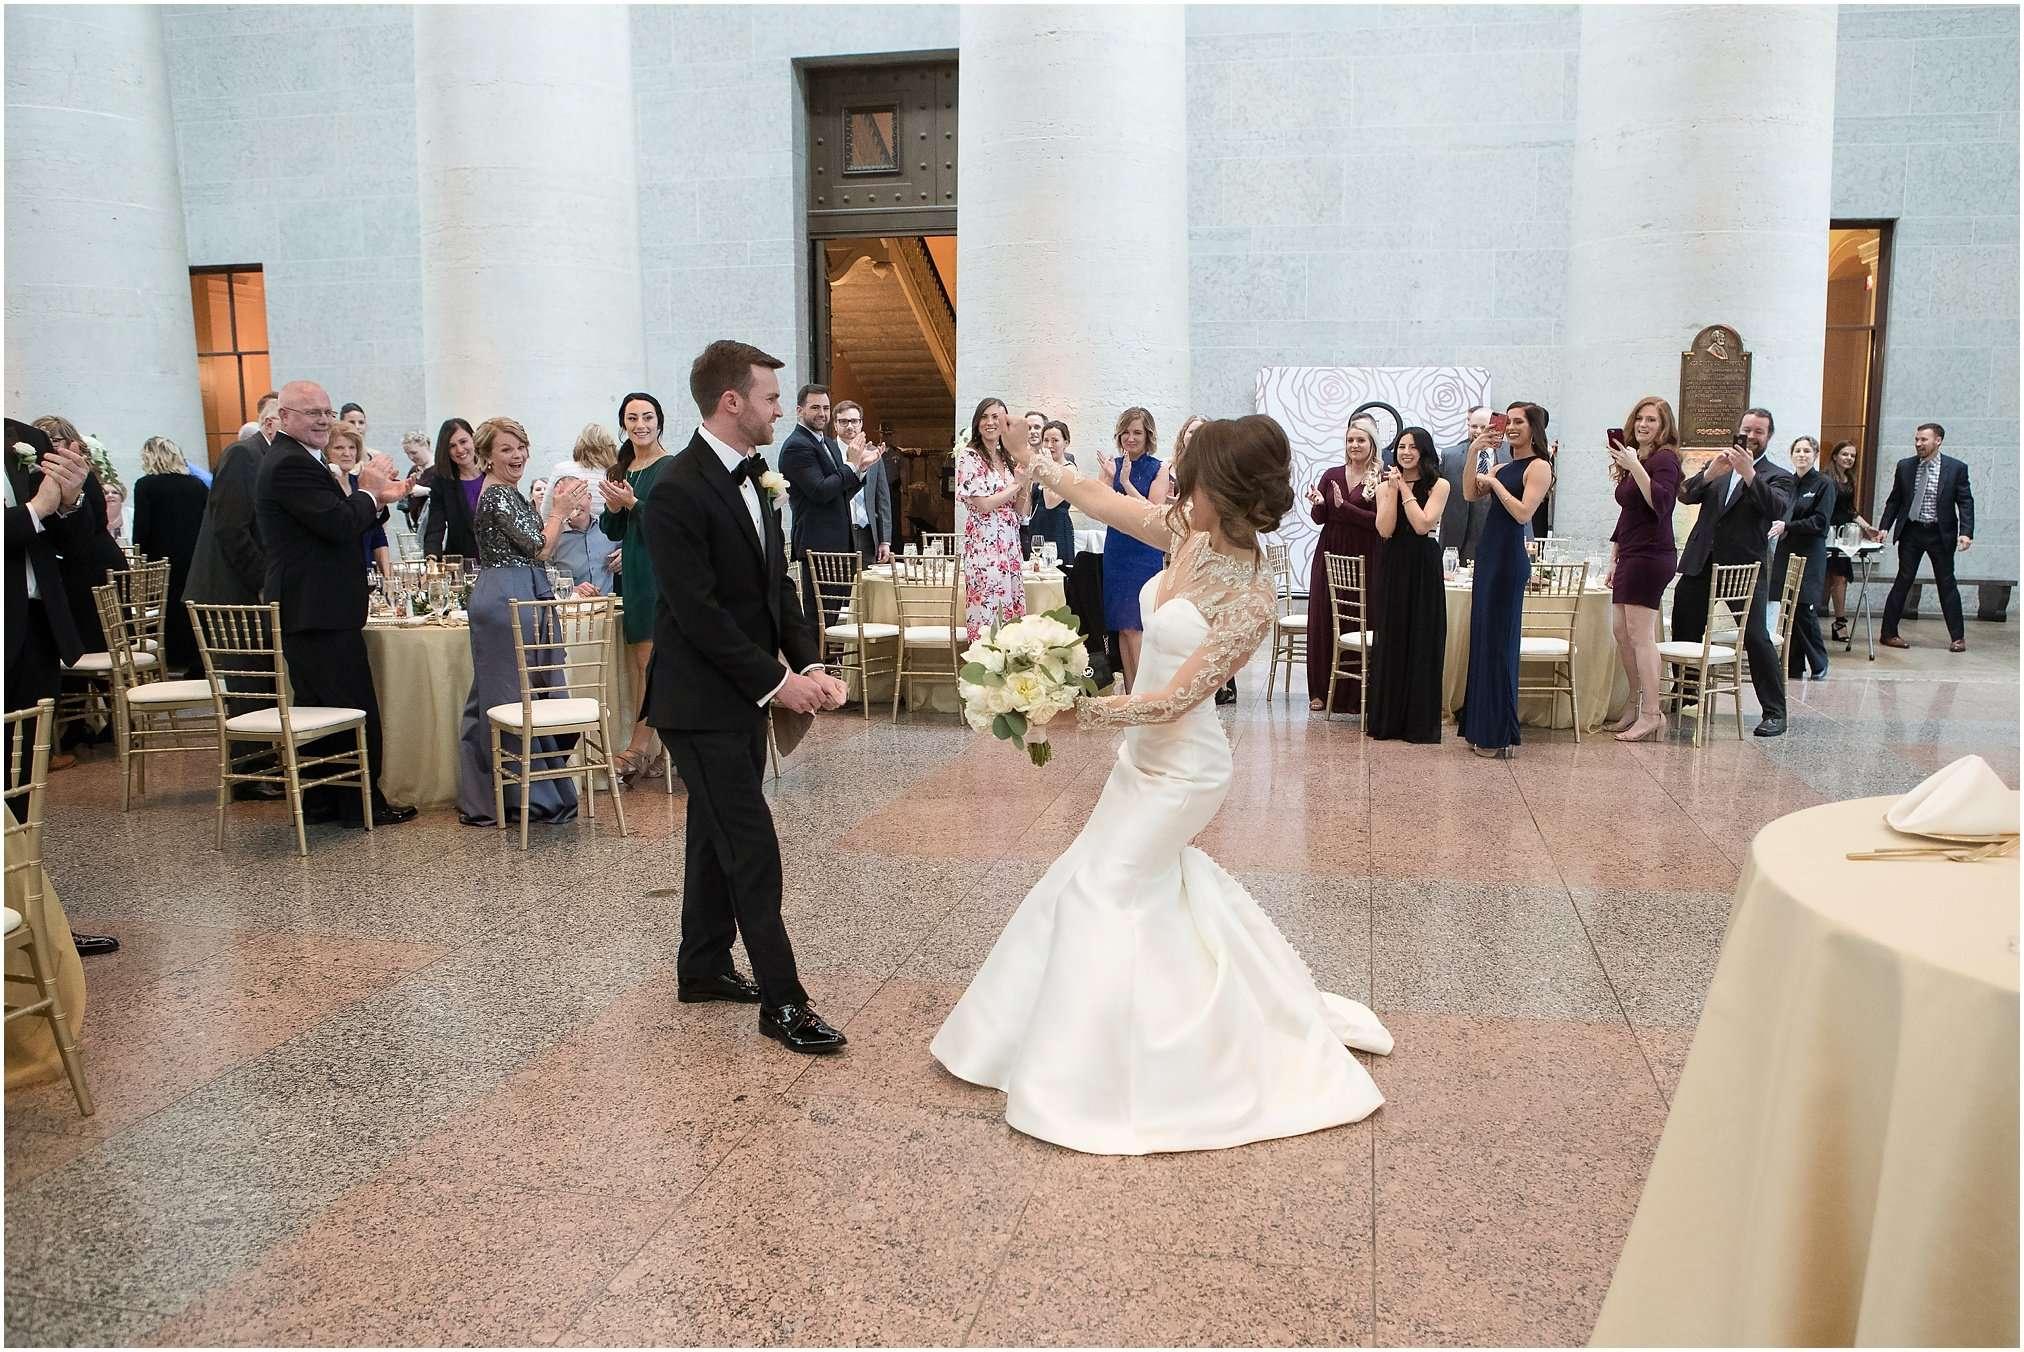 Spring Wedding at the Ohio Statehouse | Columbus Ohio Photography 182